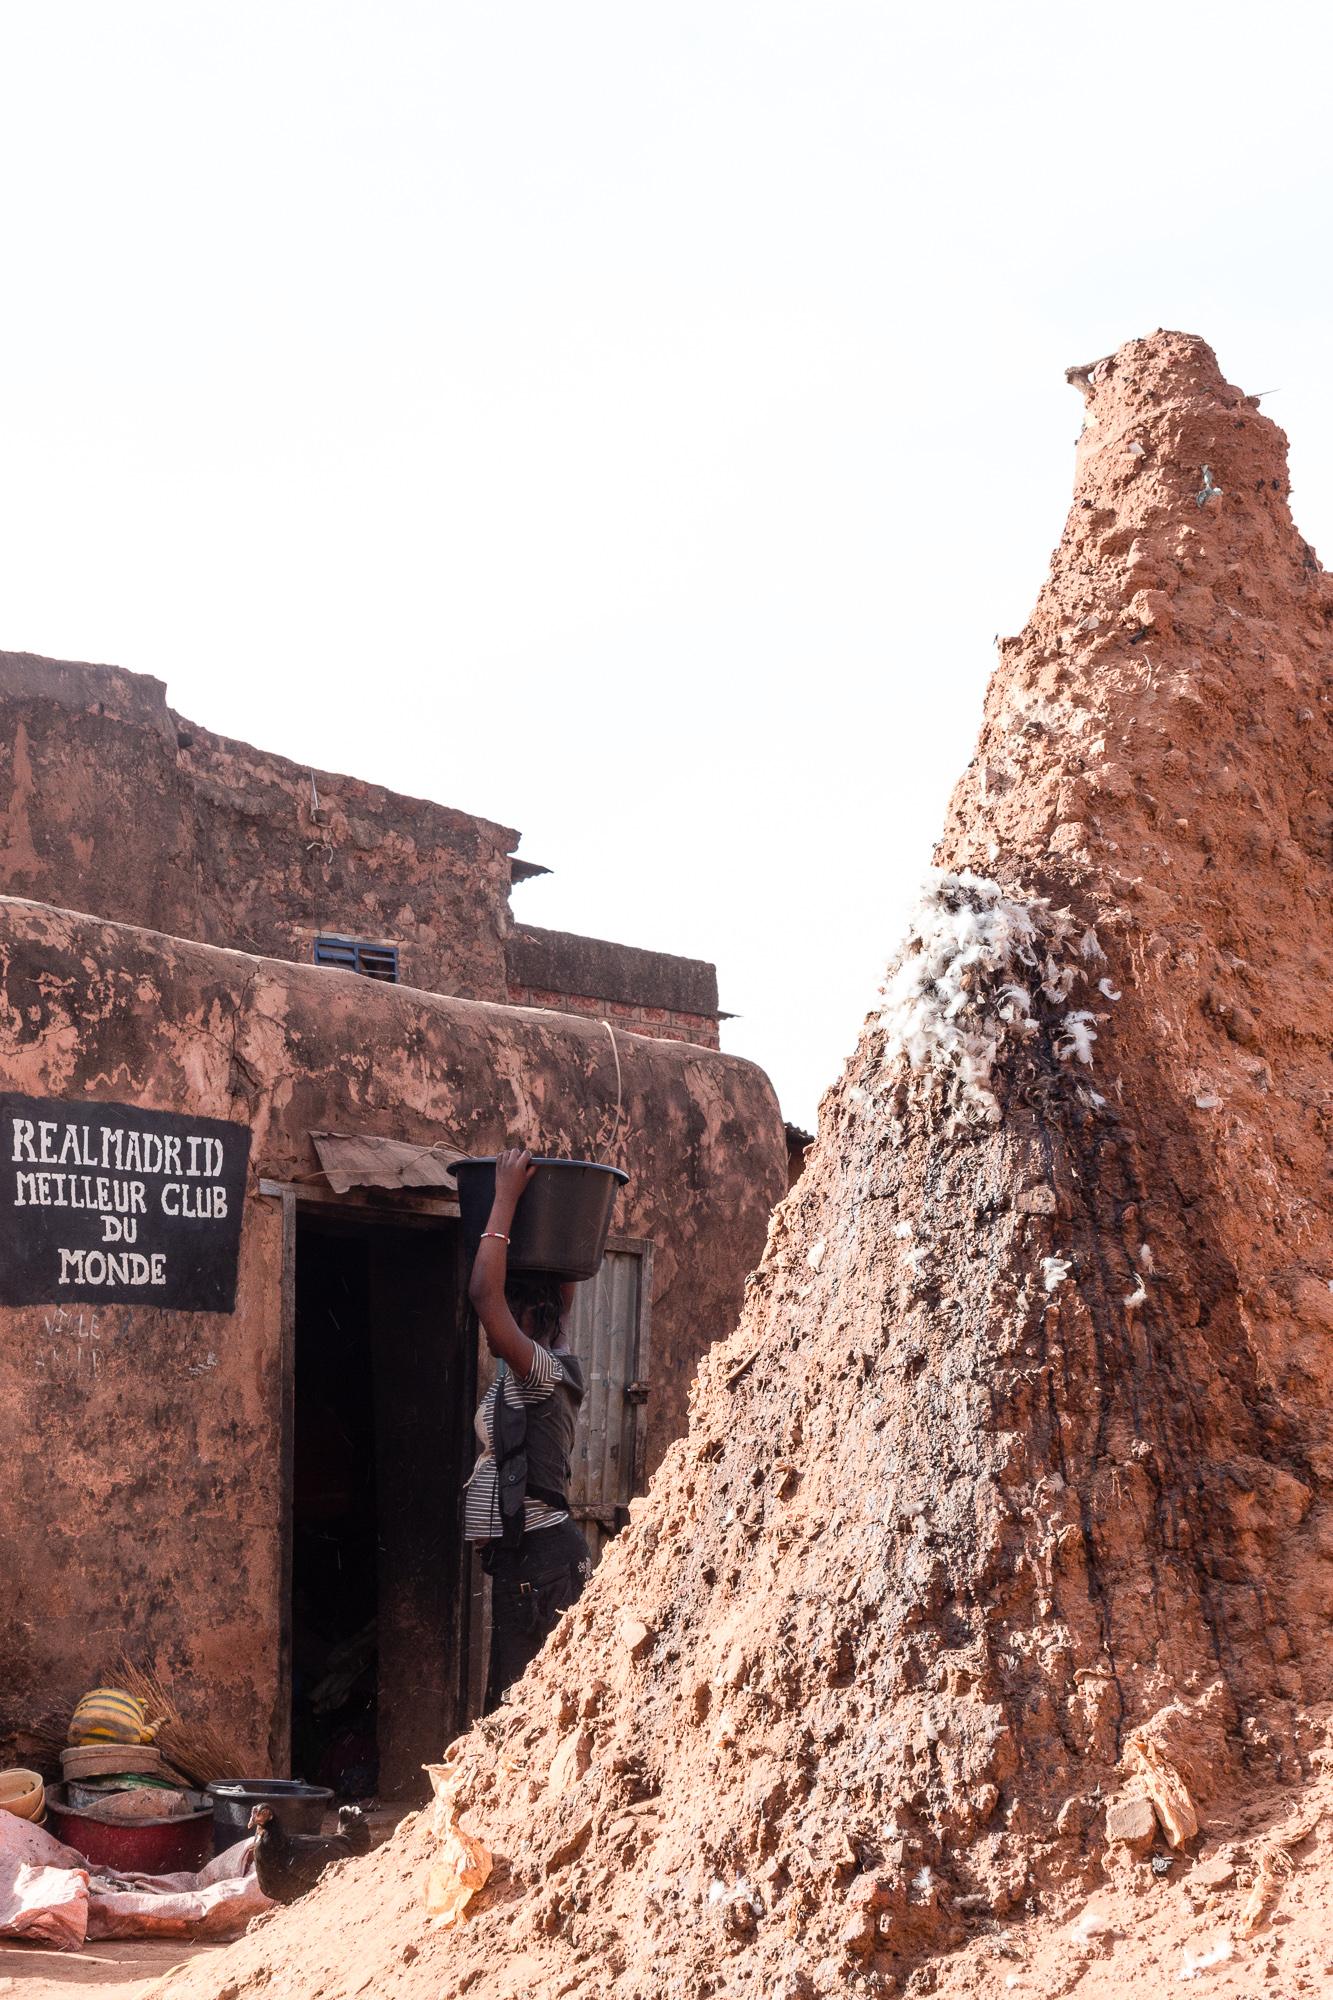 Fétiche et affiche du Real Madrid sur une case du Vieux Bobo, Bobo Dioulasso, Burkina Faso